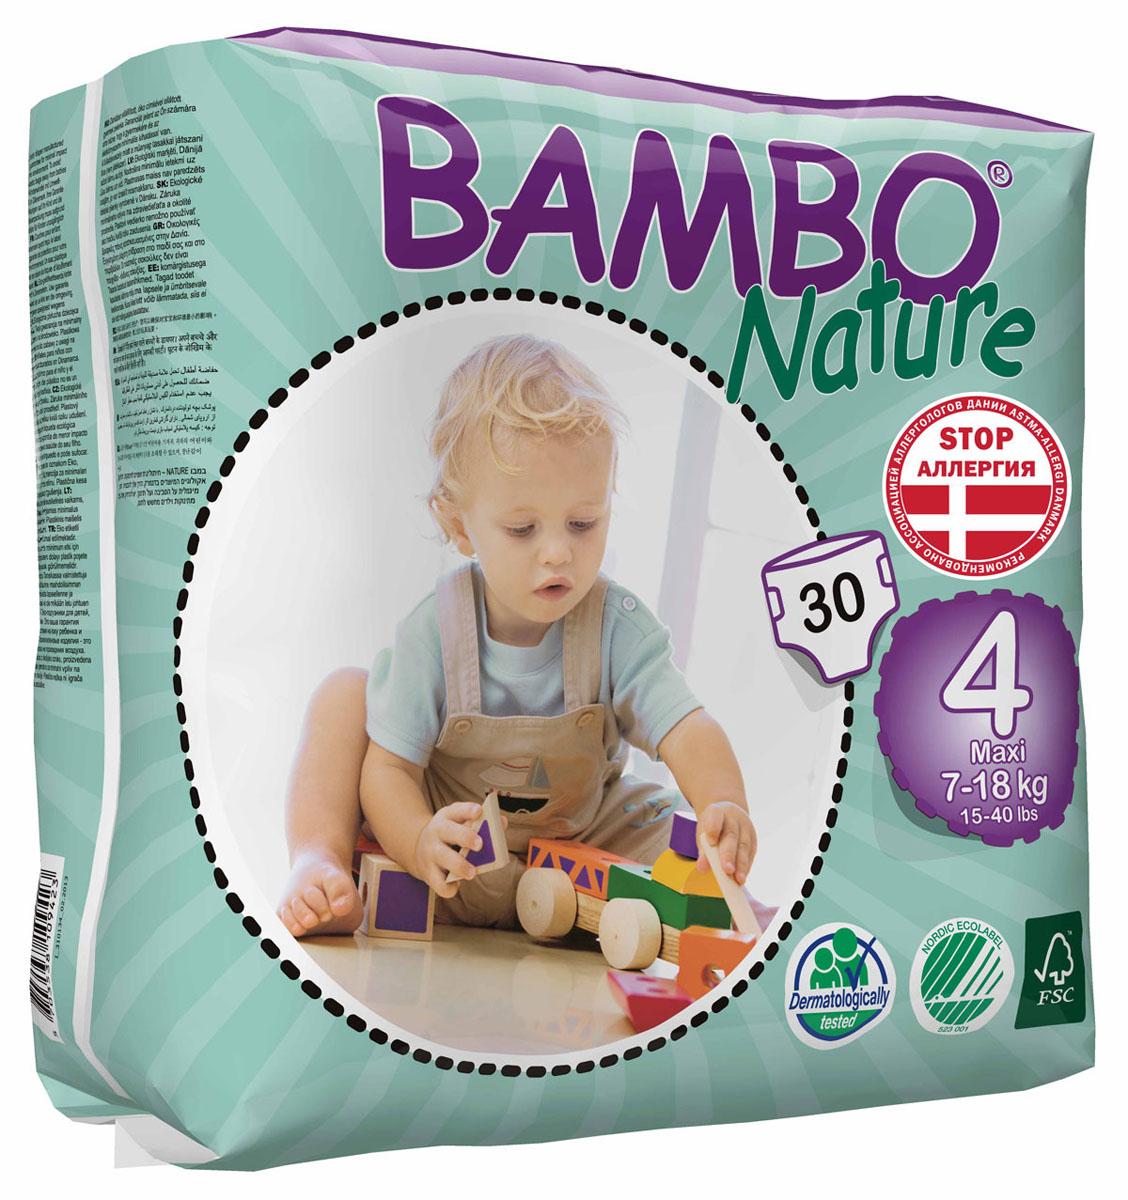 Bambo Nature Экологические детские одноразовые подгузники, Maxi, 7-18 кг, 30 шт310134Мягкая тканевидная задняя часть и внутренний слой подгузников Bambo Nature, делают подгузники исключительно нежными для кожи малыша. Тоньше обычных, а воздухопроницаемый слой позволяет коже дышать, исключая парниковый эффект. Супер-слой распущенная целлюлоза и сверх-сухая система, обеспечивает быстрое впитывание и оставляющая поверхность сухой. Поэтому для вас и вашего малыша каждое утро будет добрым. Вес ребенка от 7 до 18 кг. Продукция Bambo Nature прошла дерматологическое тестирование. Гипоаллергены.